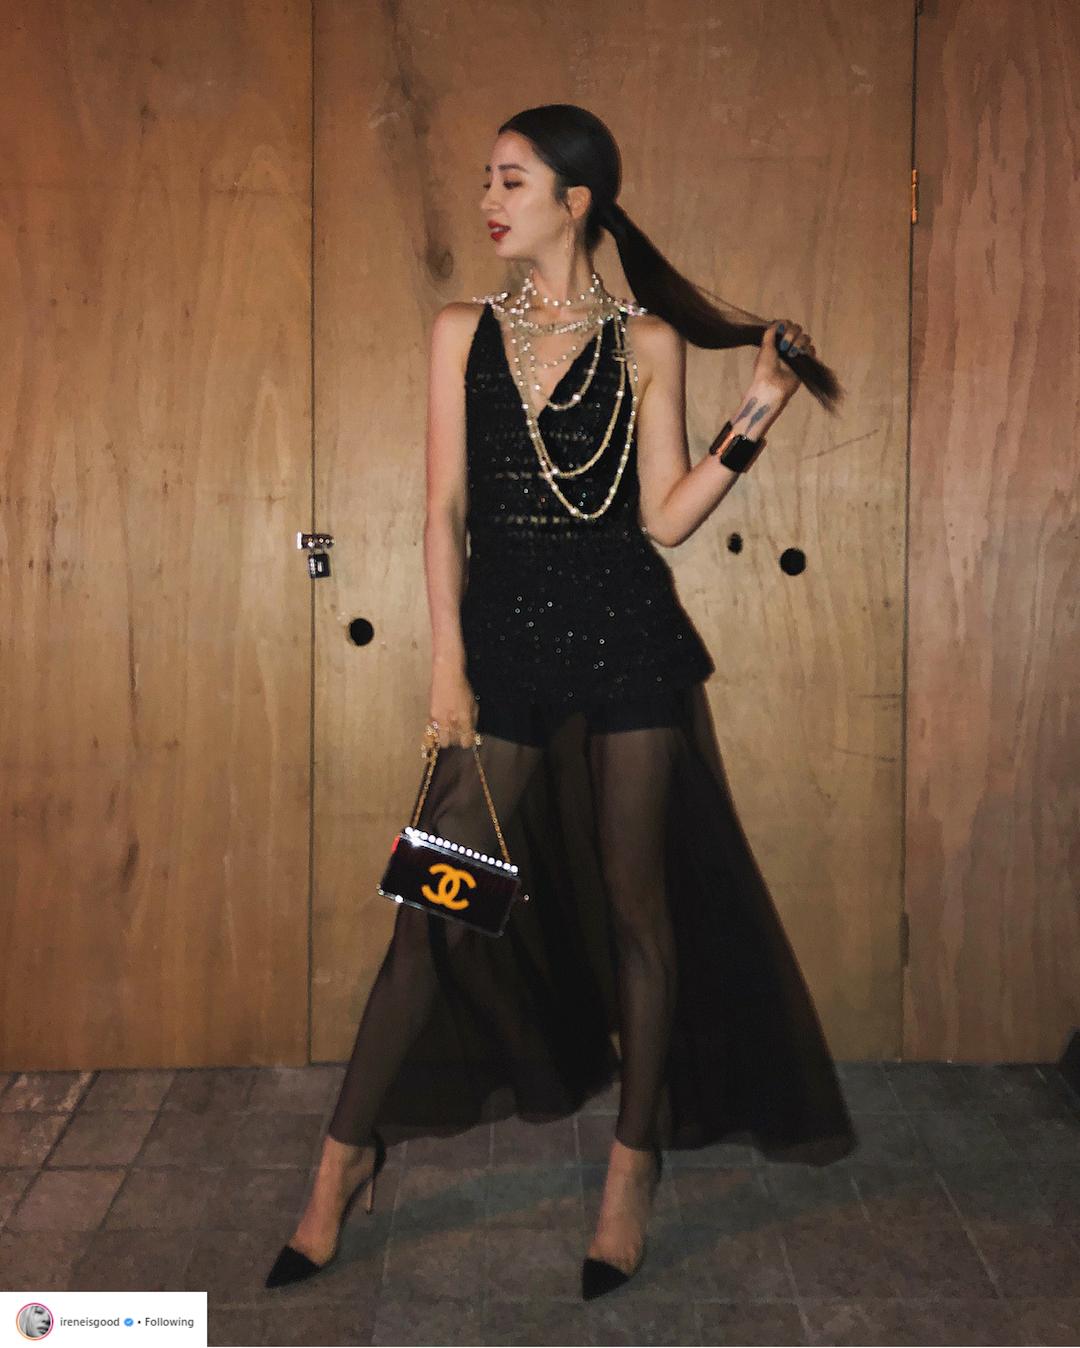 Bí quyết tạo dáng chuyên nghiệp từ nữ hoàng street style xứ Hàn Irene Kim 8